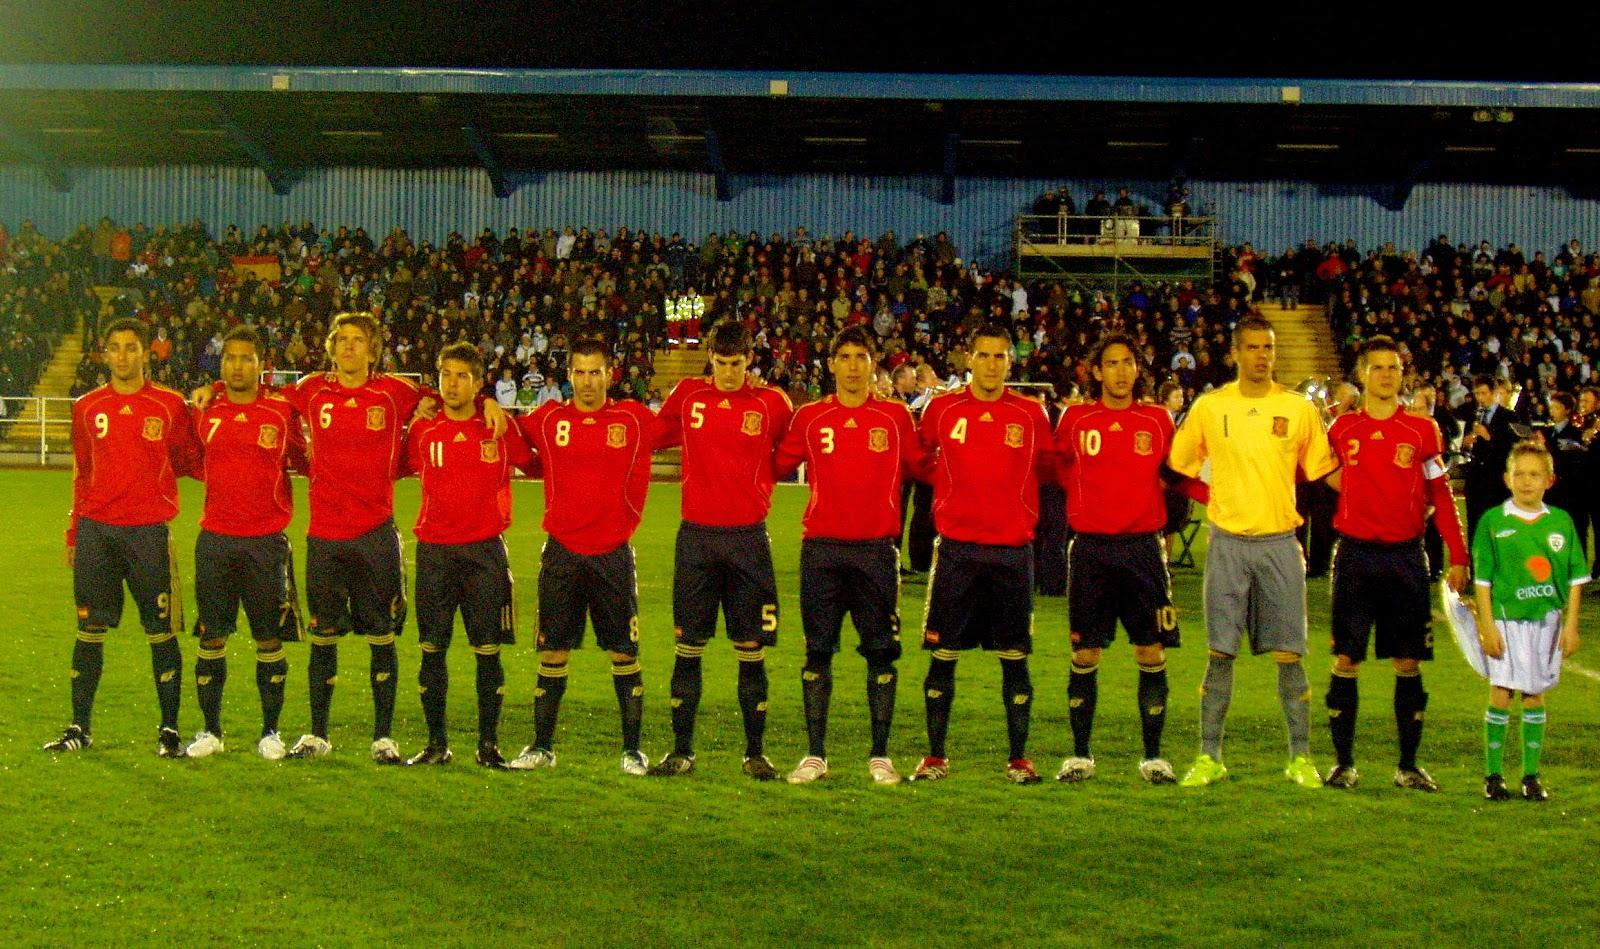 Hilo de la selección de España sub 21 e inferiores Espa%25C3%25B1aSub21%2B2009%2B03%2B27b